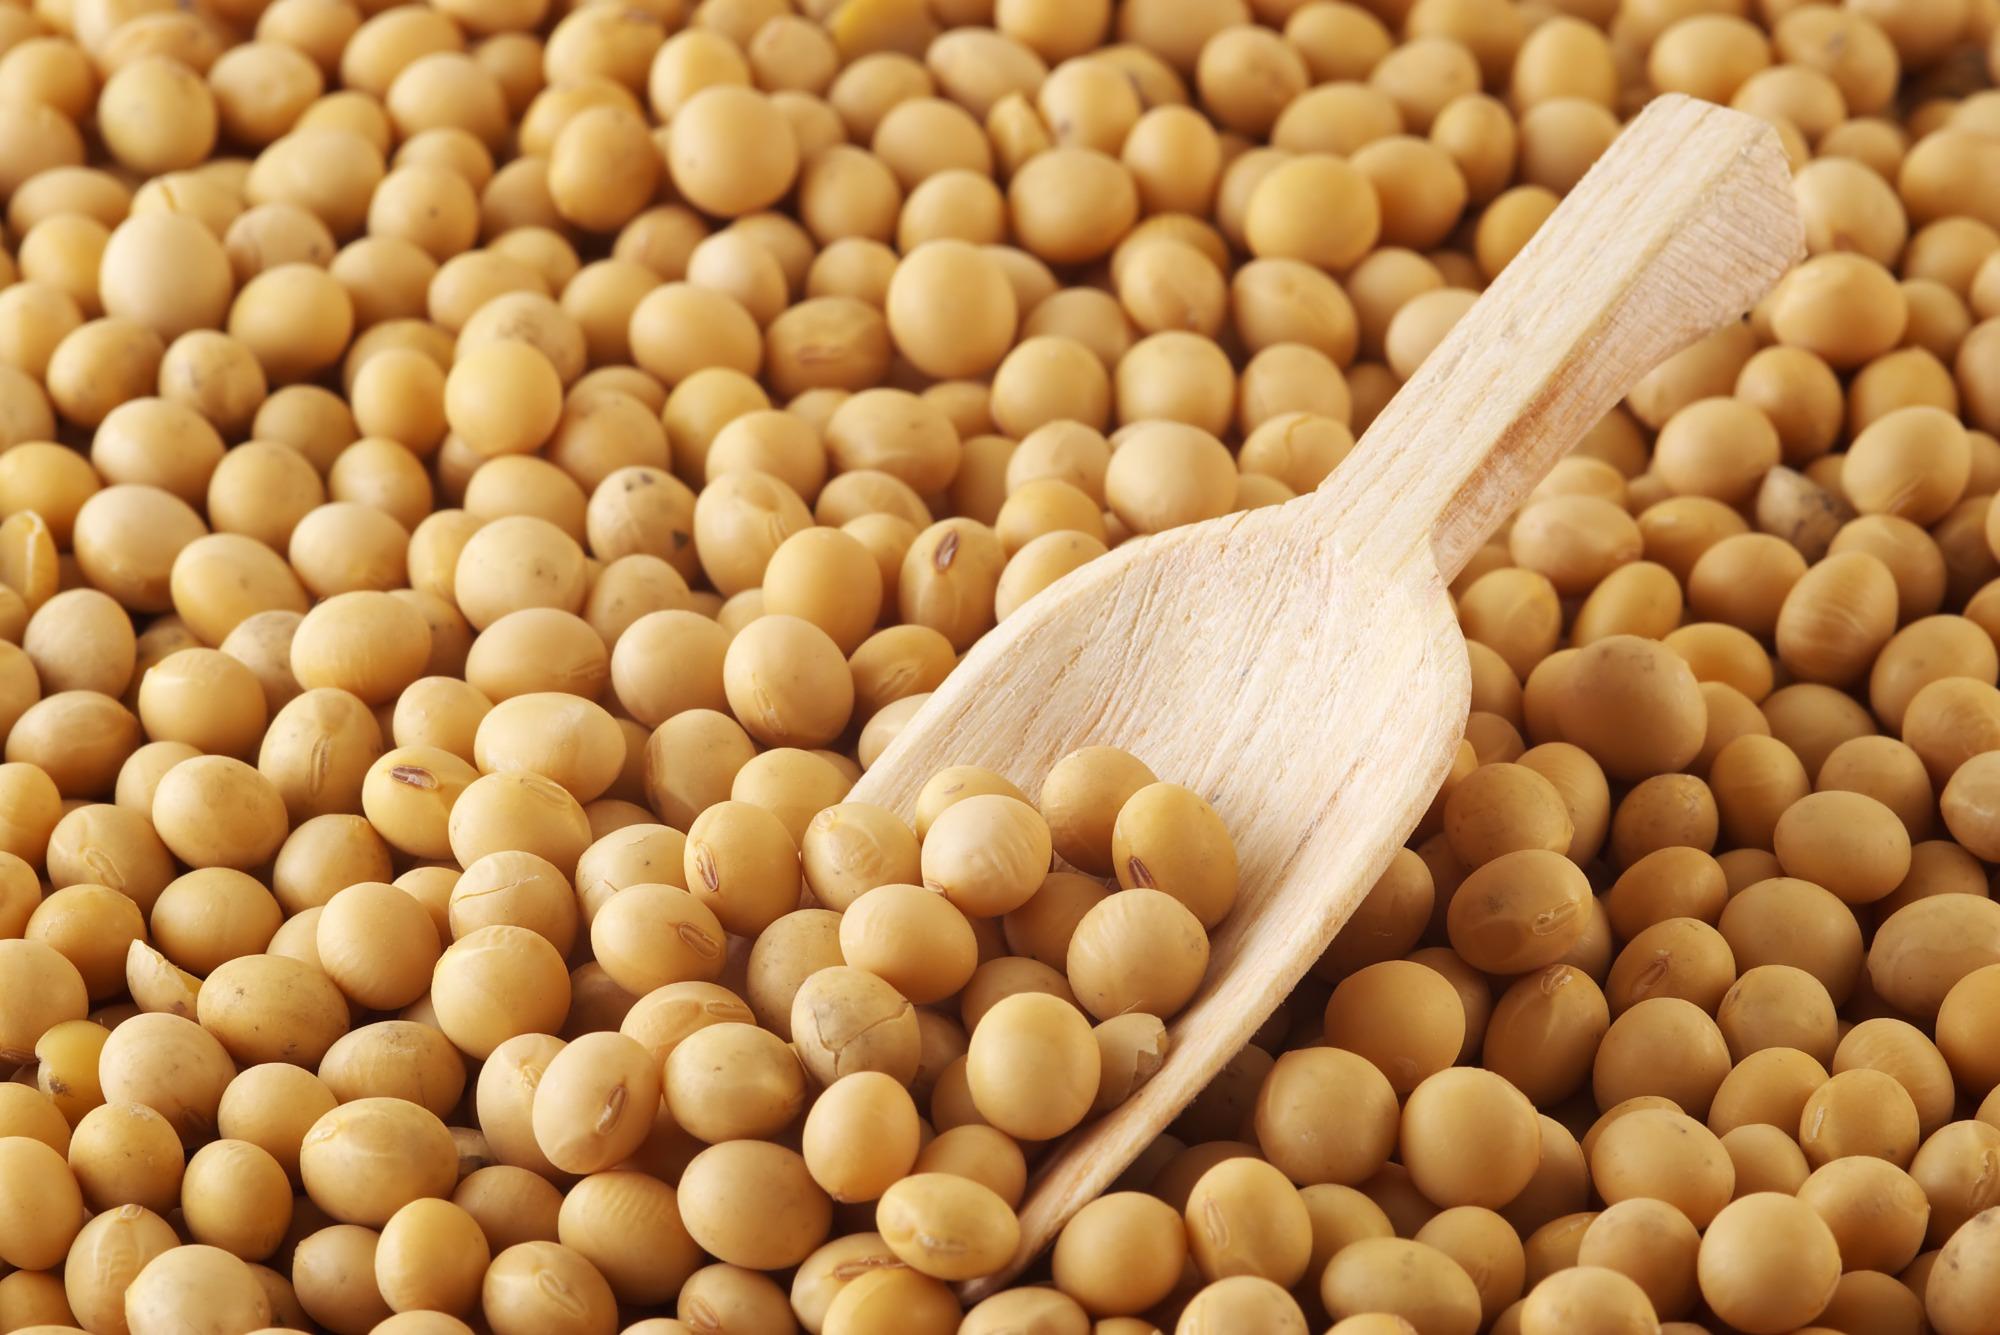 Importações Chinesas de Soja Devem Passar de 105 Milhões de Toneladas em 2029